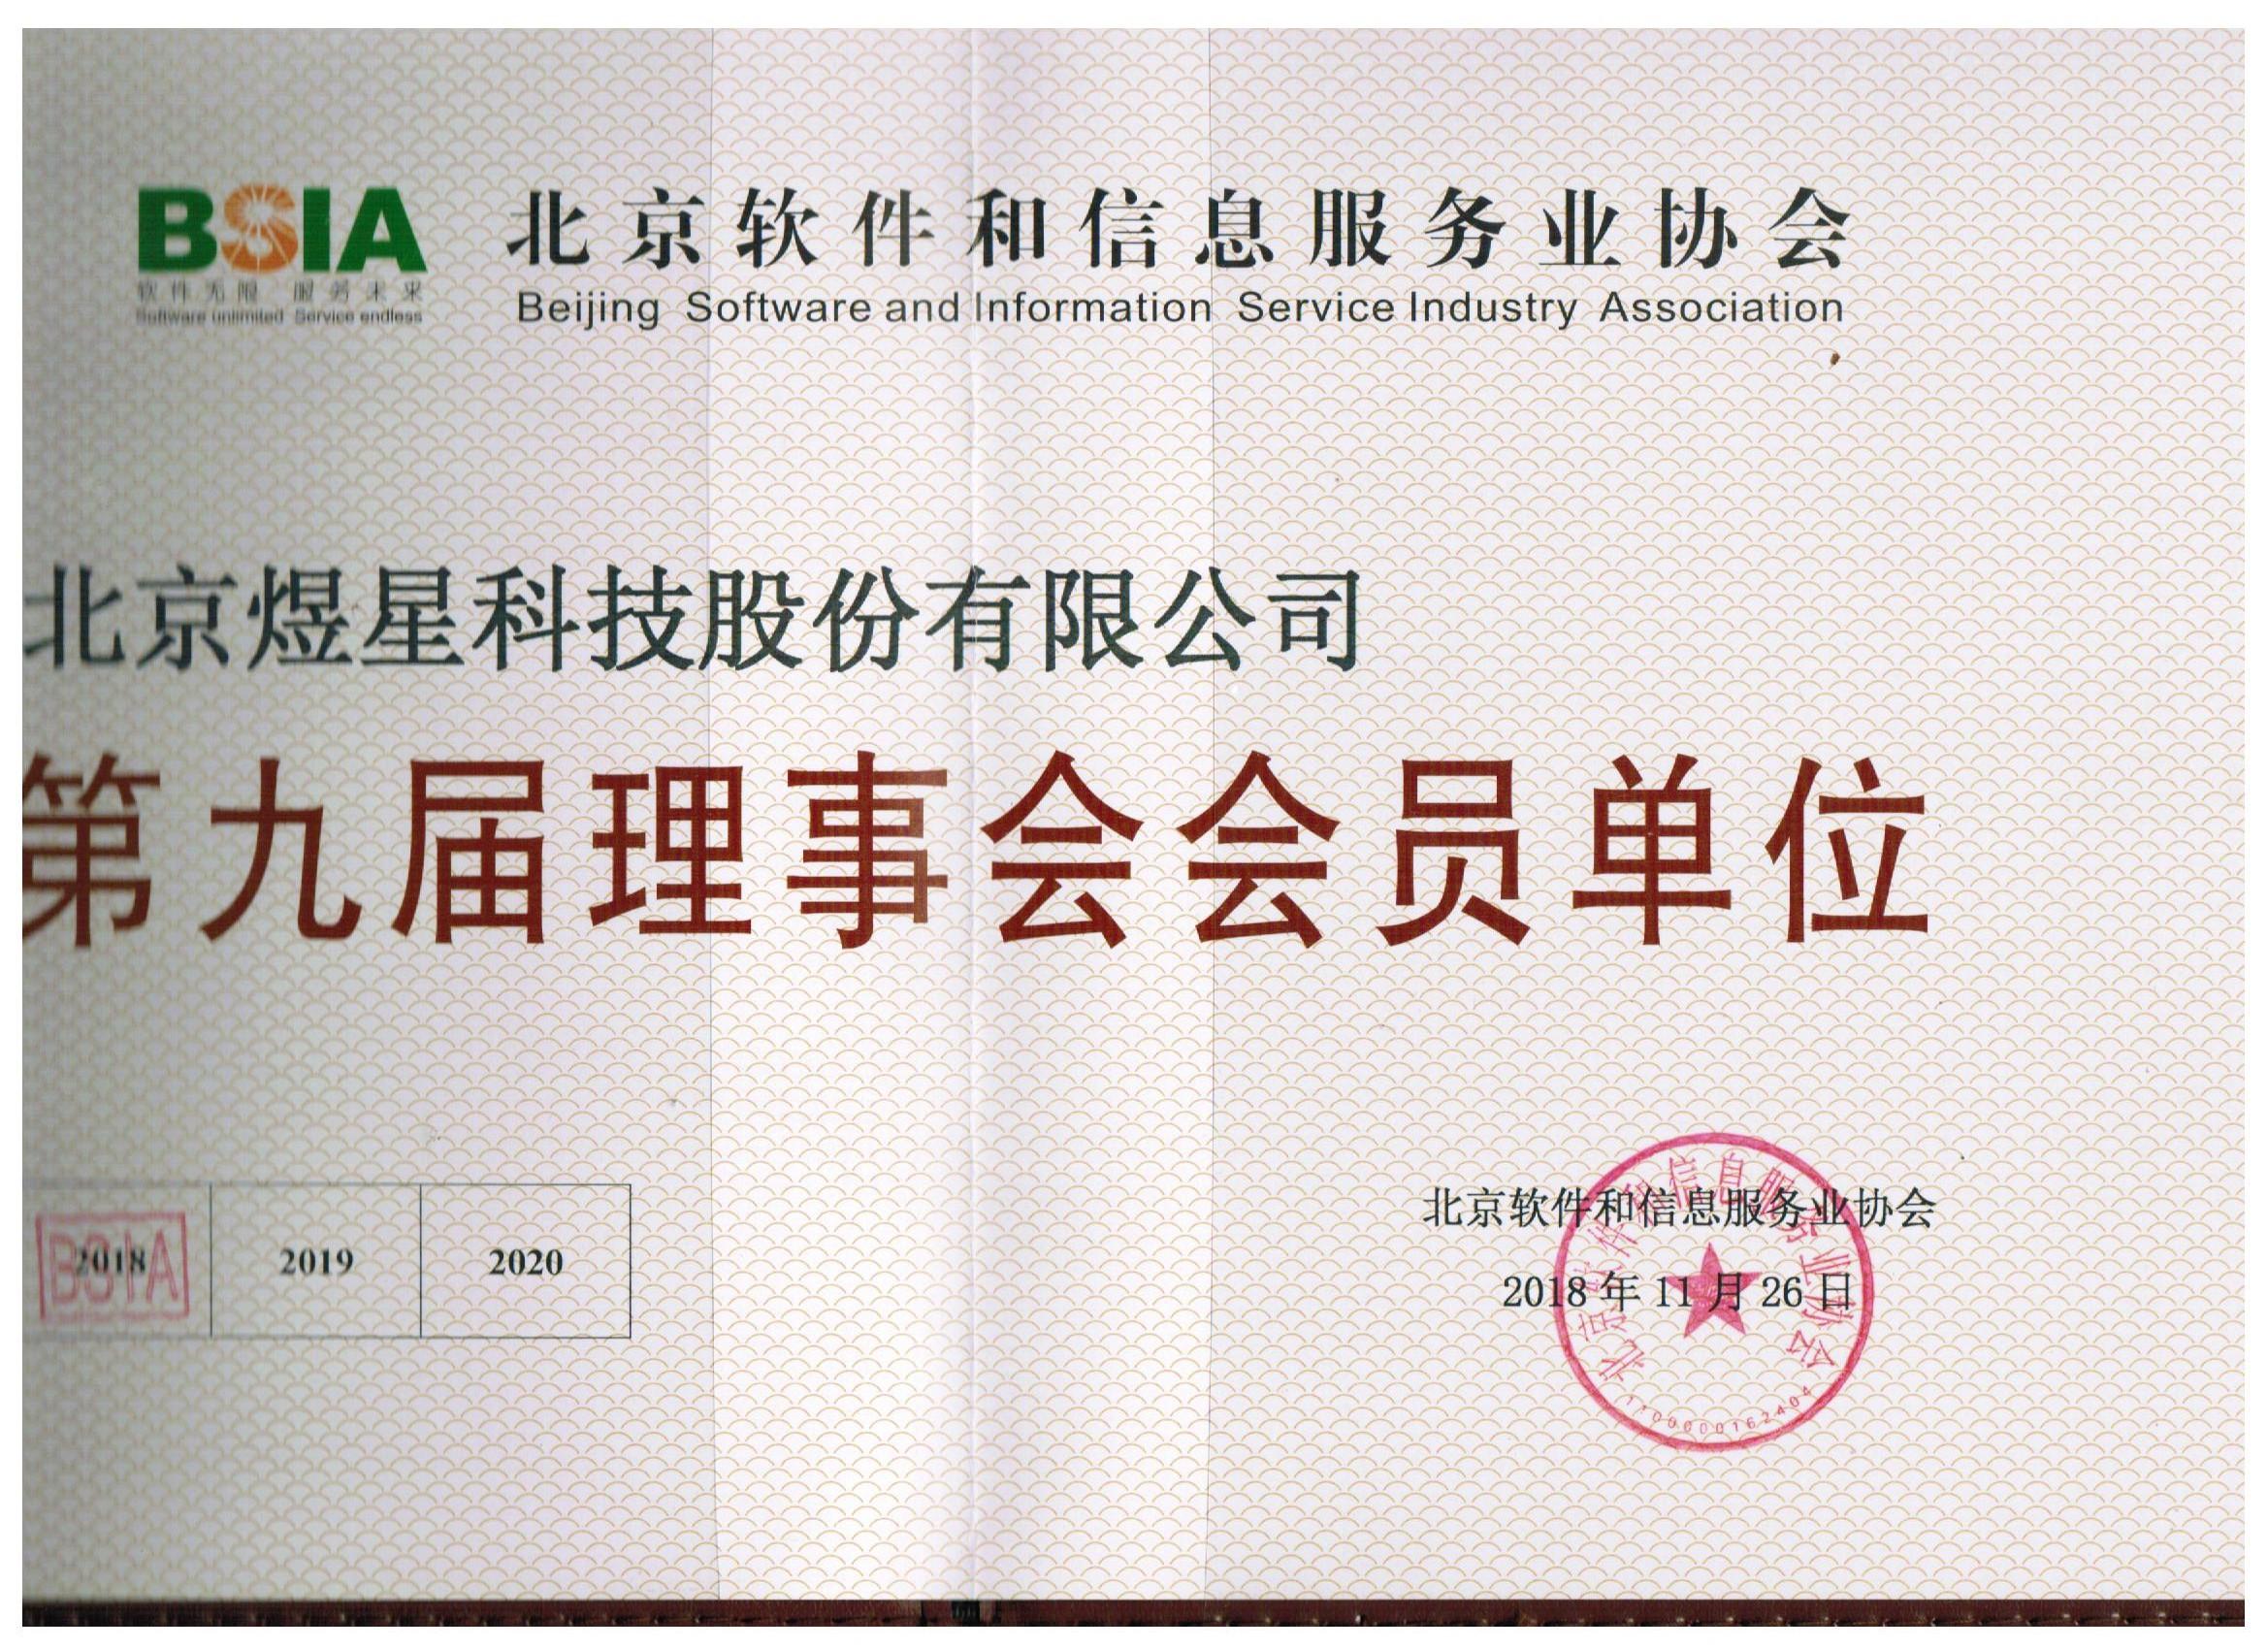 北京软件和信息服务业协会会员证书